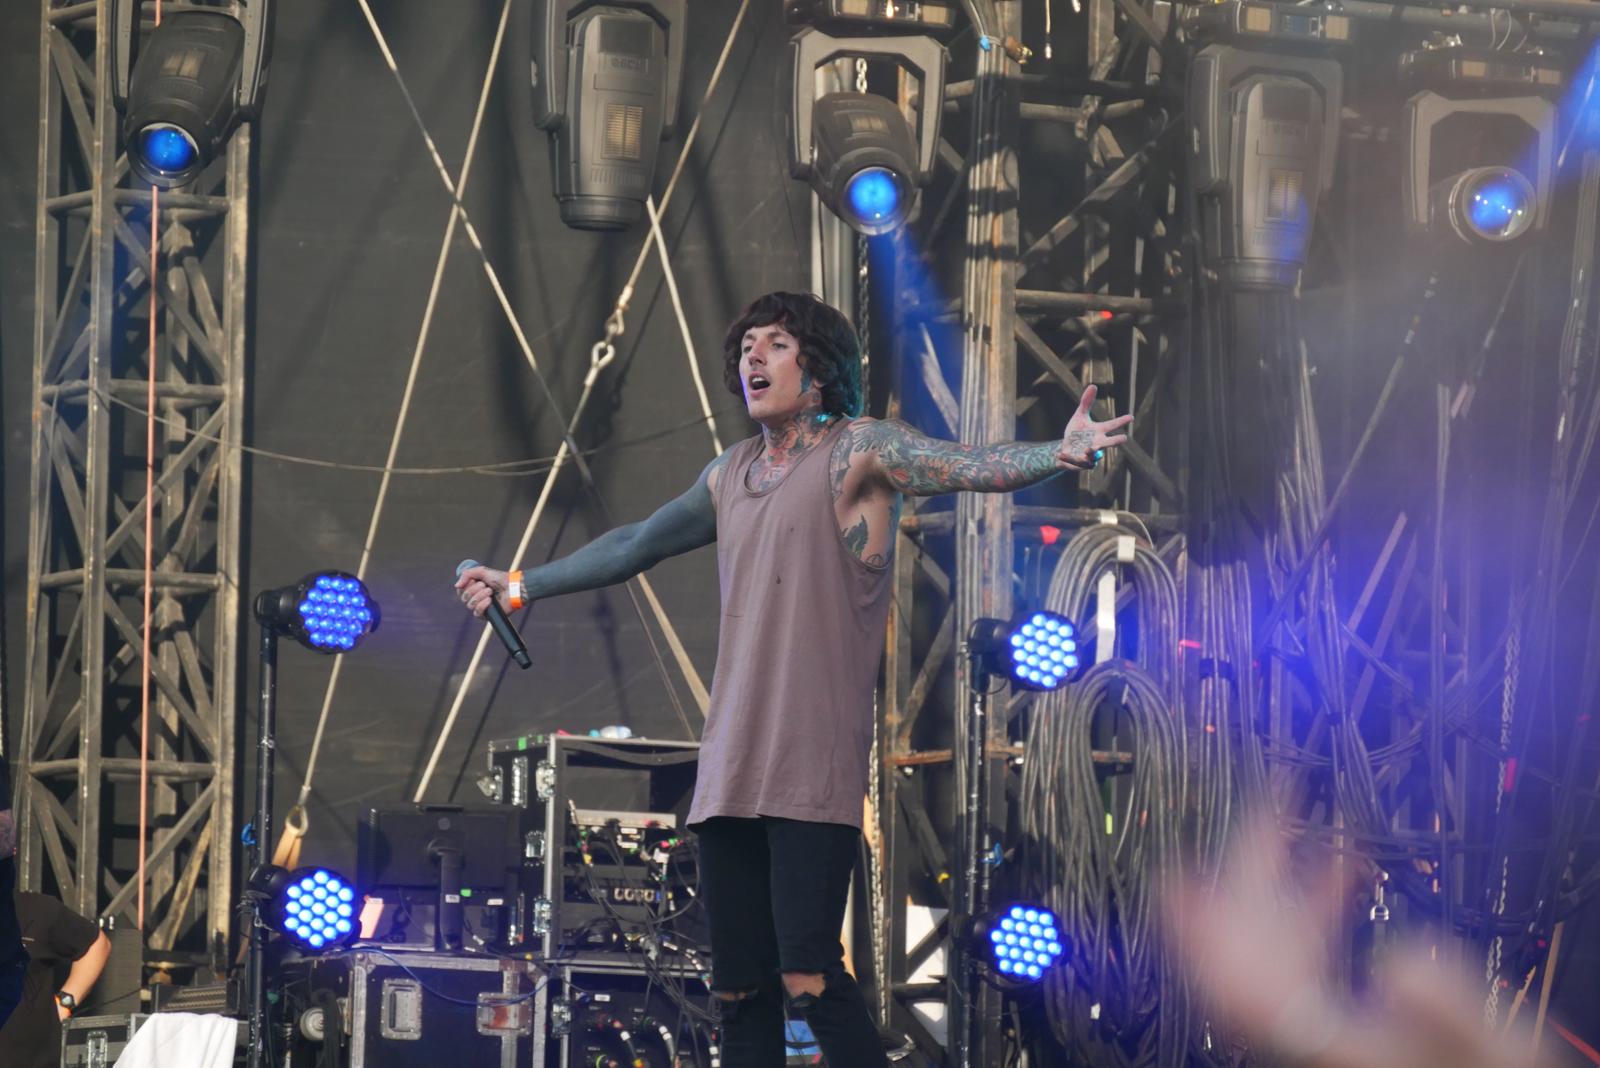 Oliver Sykes Bring me the horizon live concert Rock en Seine 2016 festival paris stage photo usofparis blog